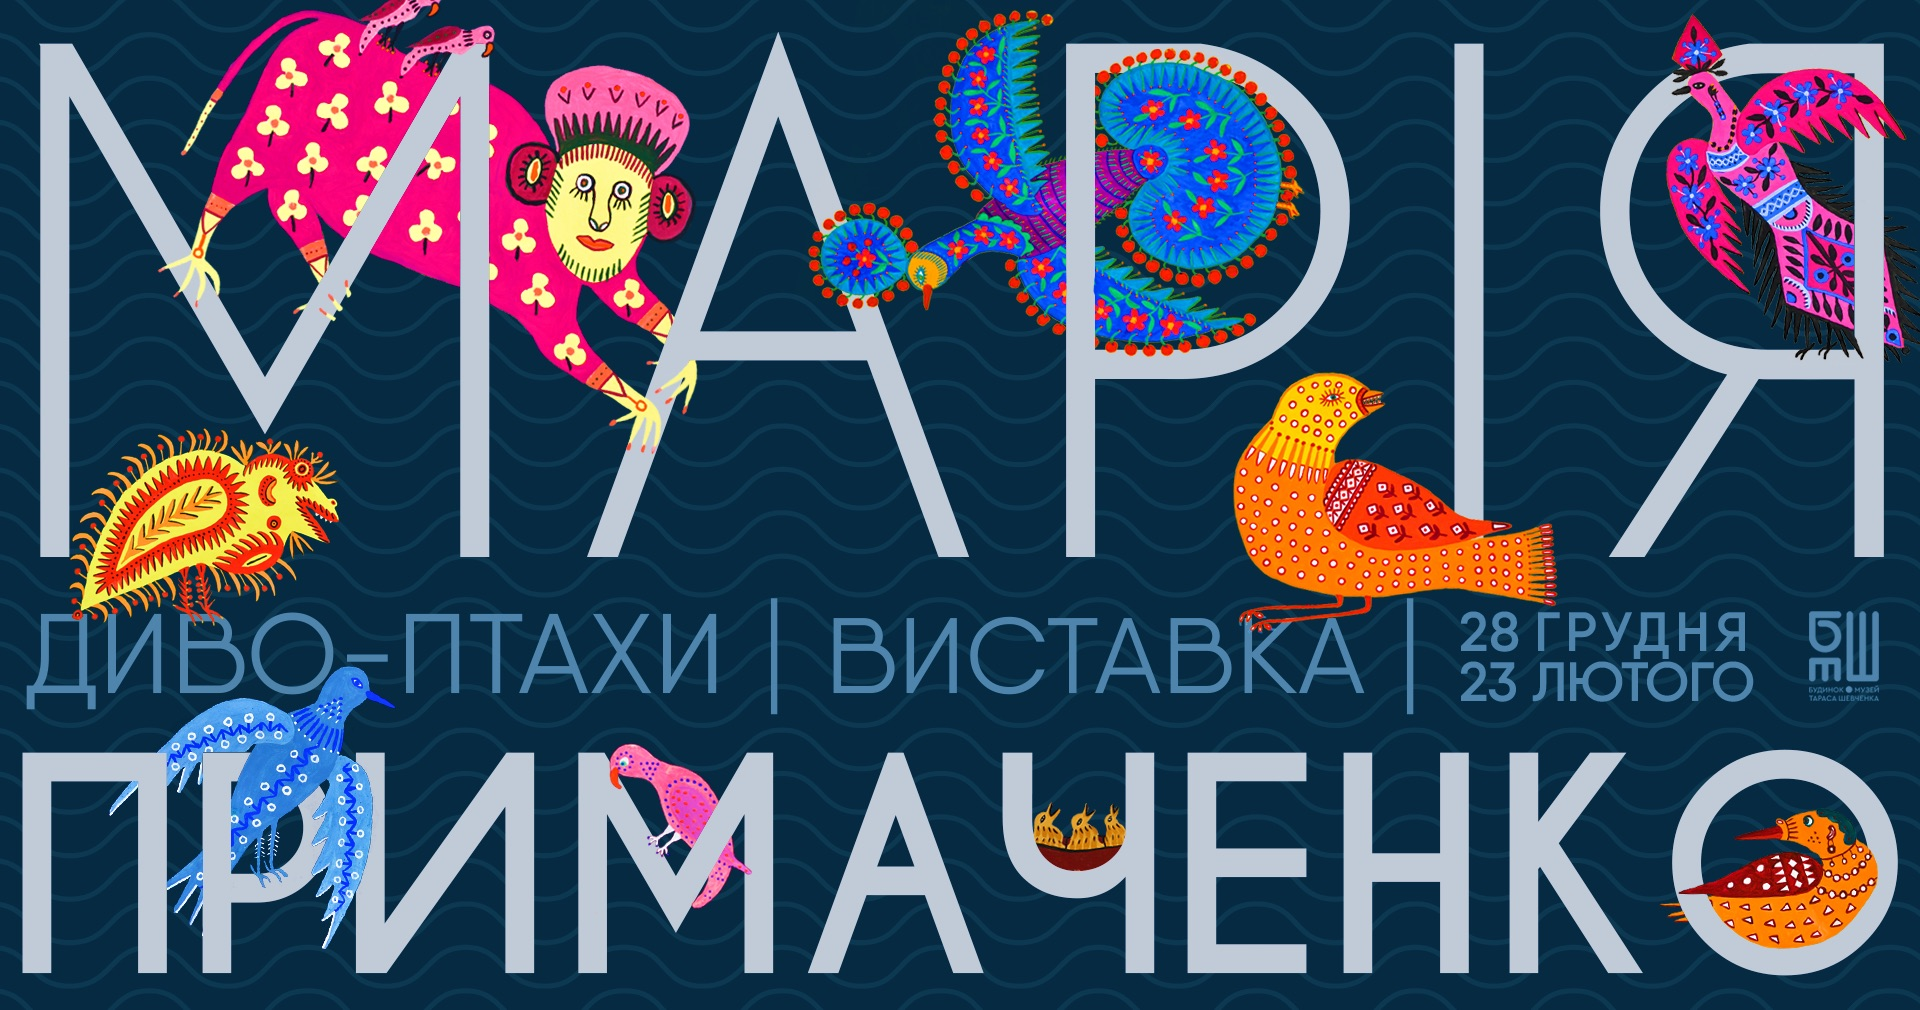 Выходные в Киеве. Чудо-птицы Примаченко, уикенд наливок и зона сумерек